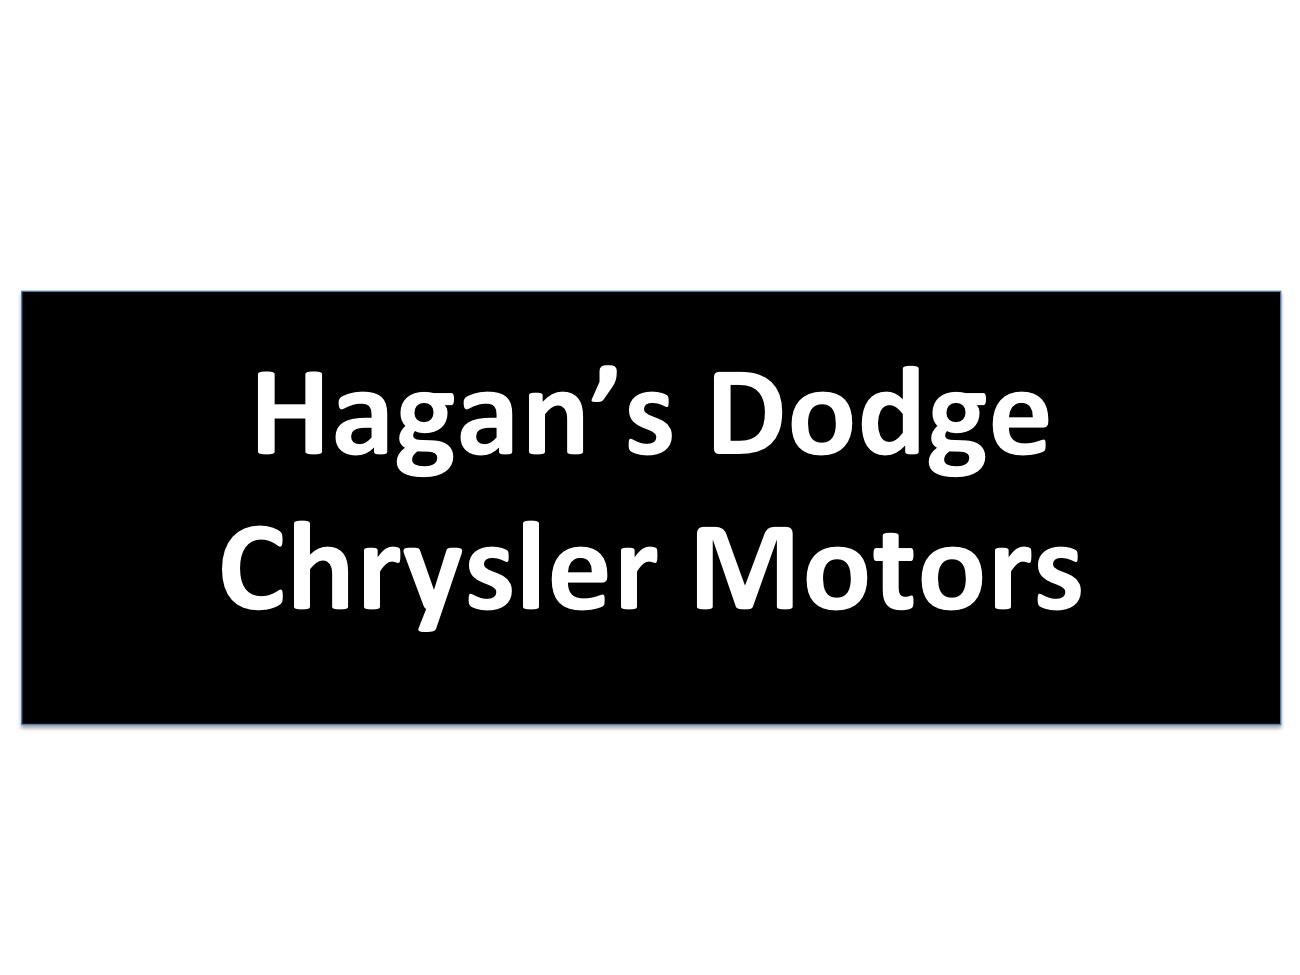 Hagan's Dodge Chrysler Motors